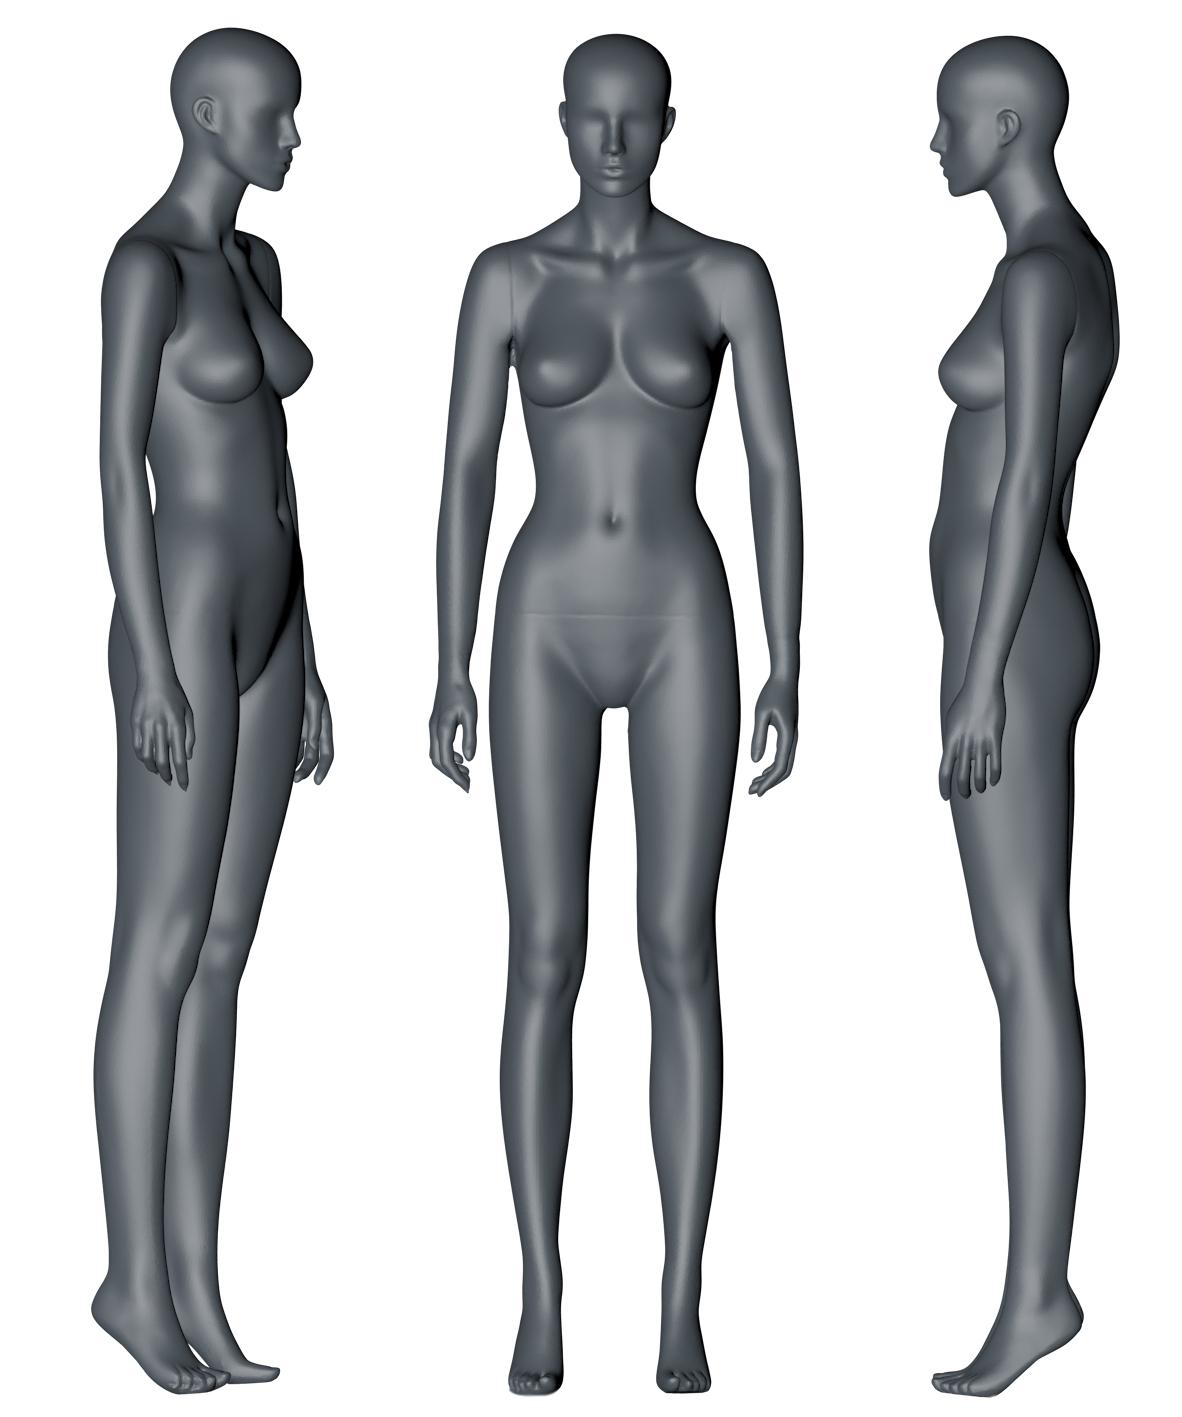 Female mannequin 3d printing model - 1